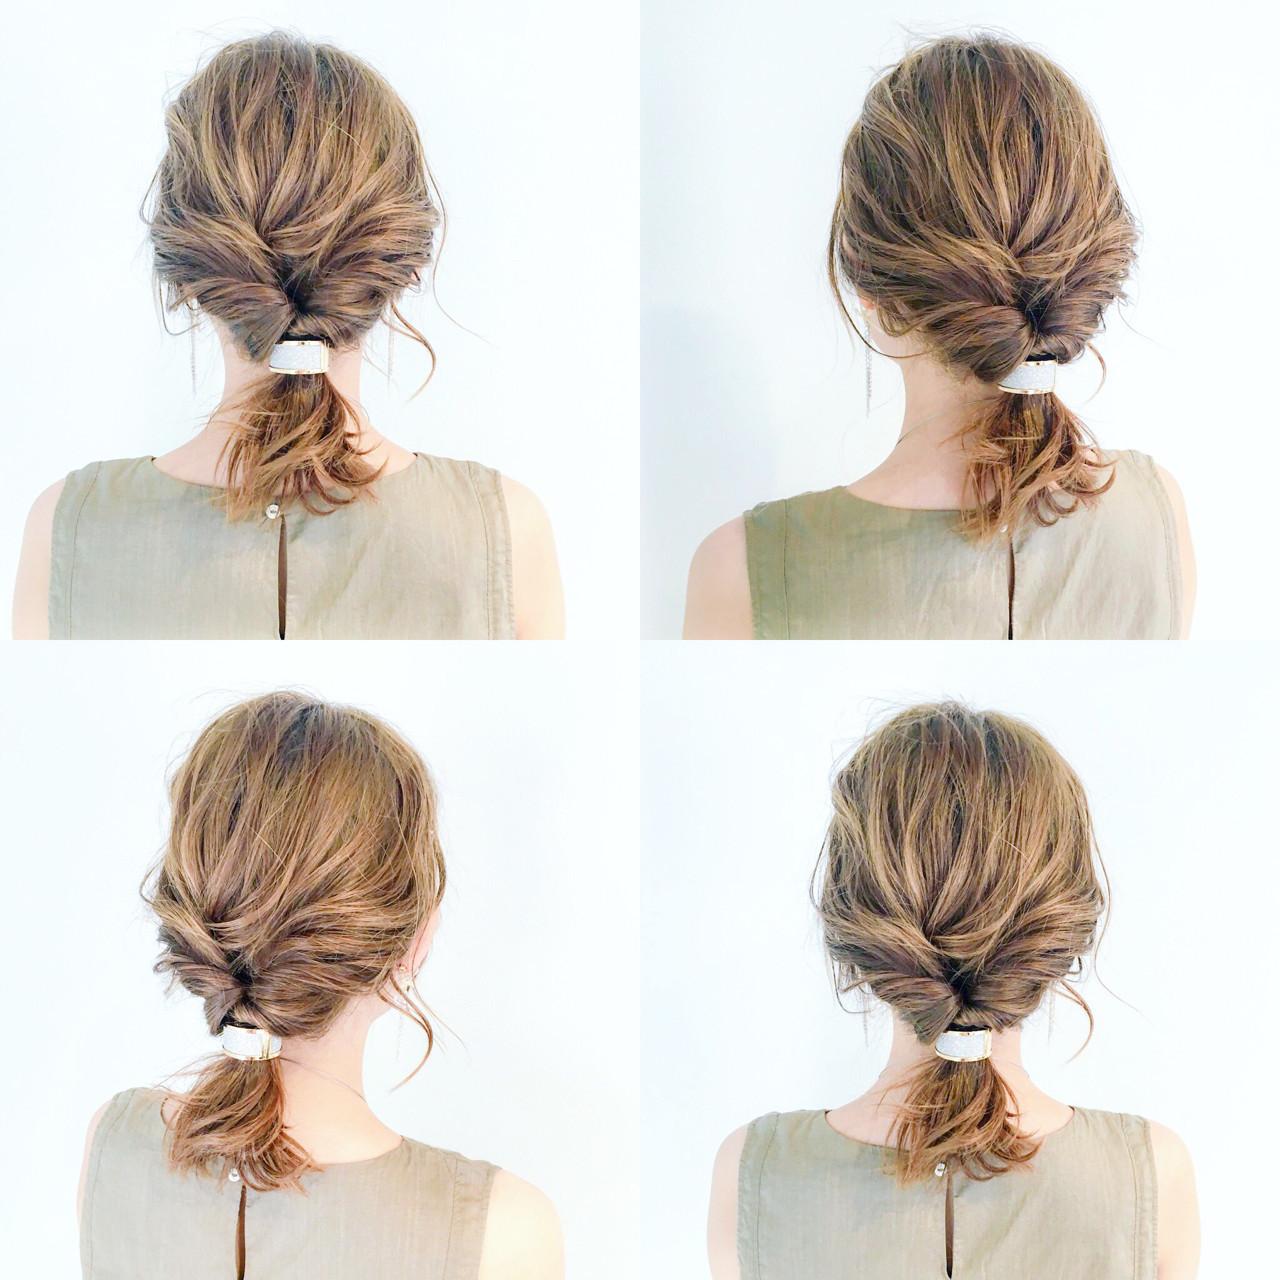 ボブでもできる簡単まとめ髪♡スッキリ可愛いアレンジを伝授 美容師 HIRO | Amoute/アムティ